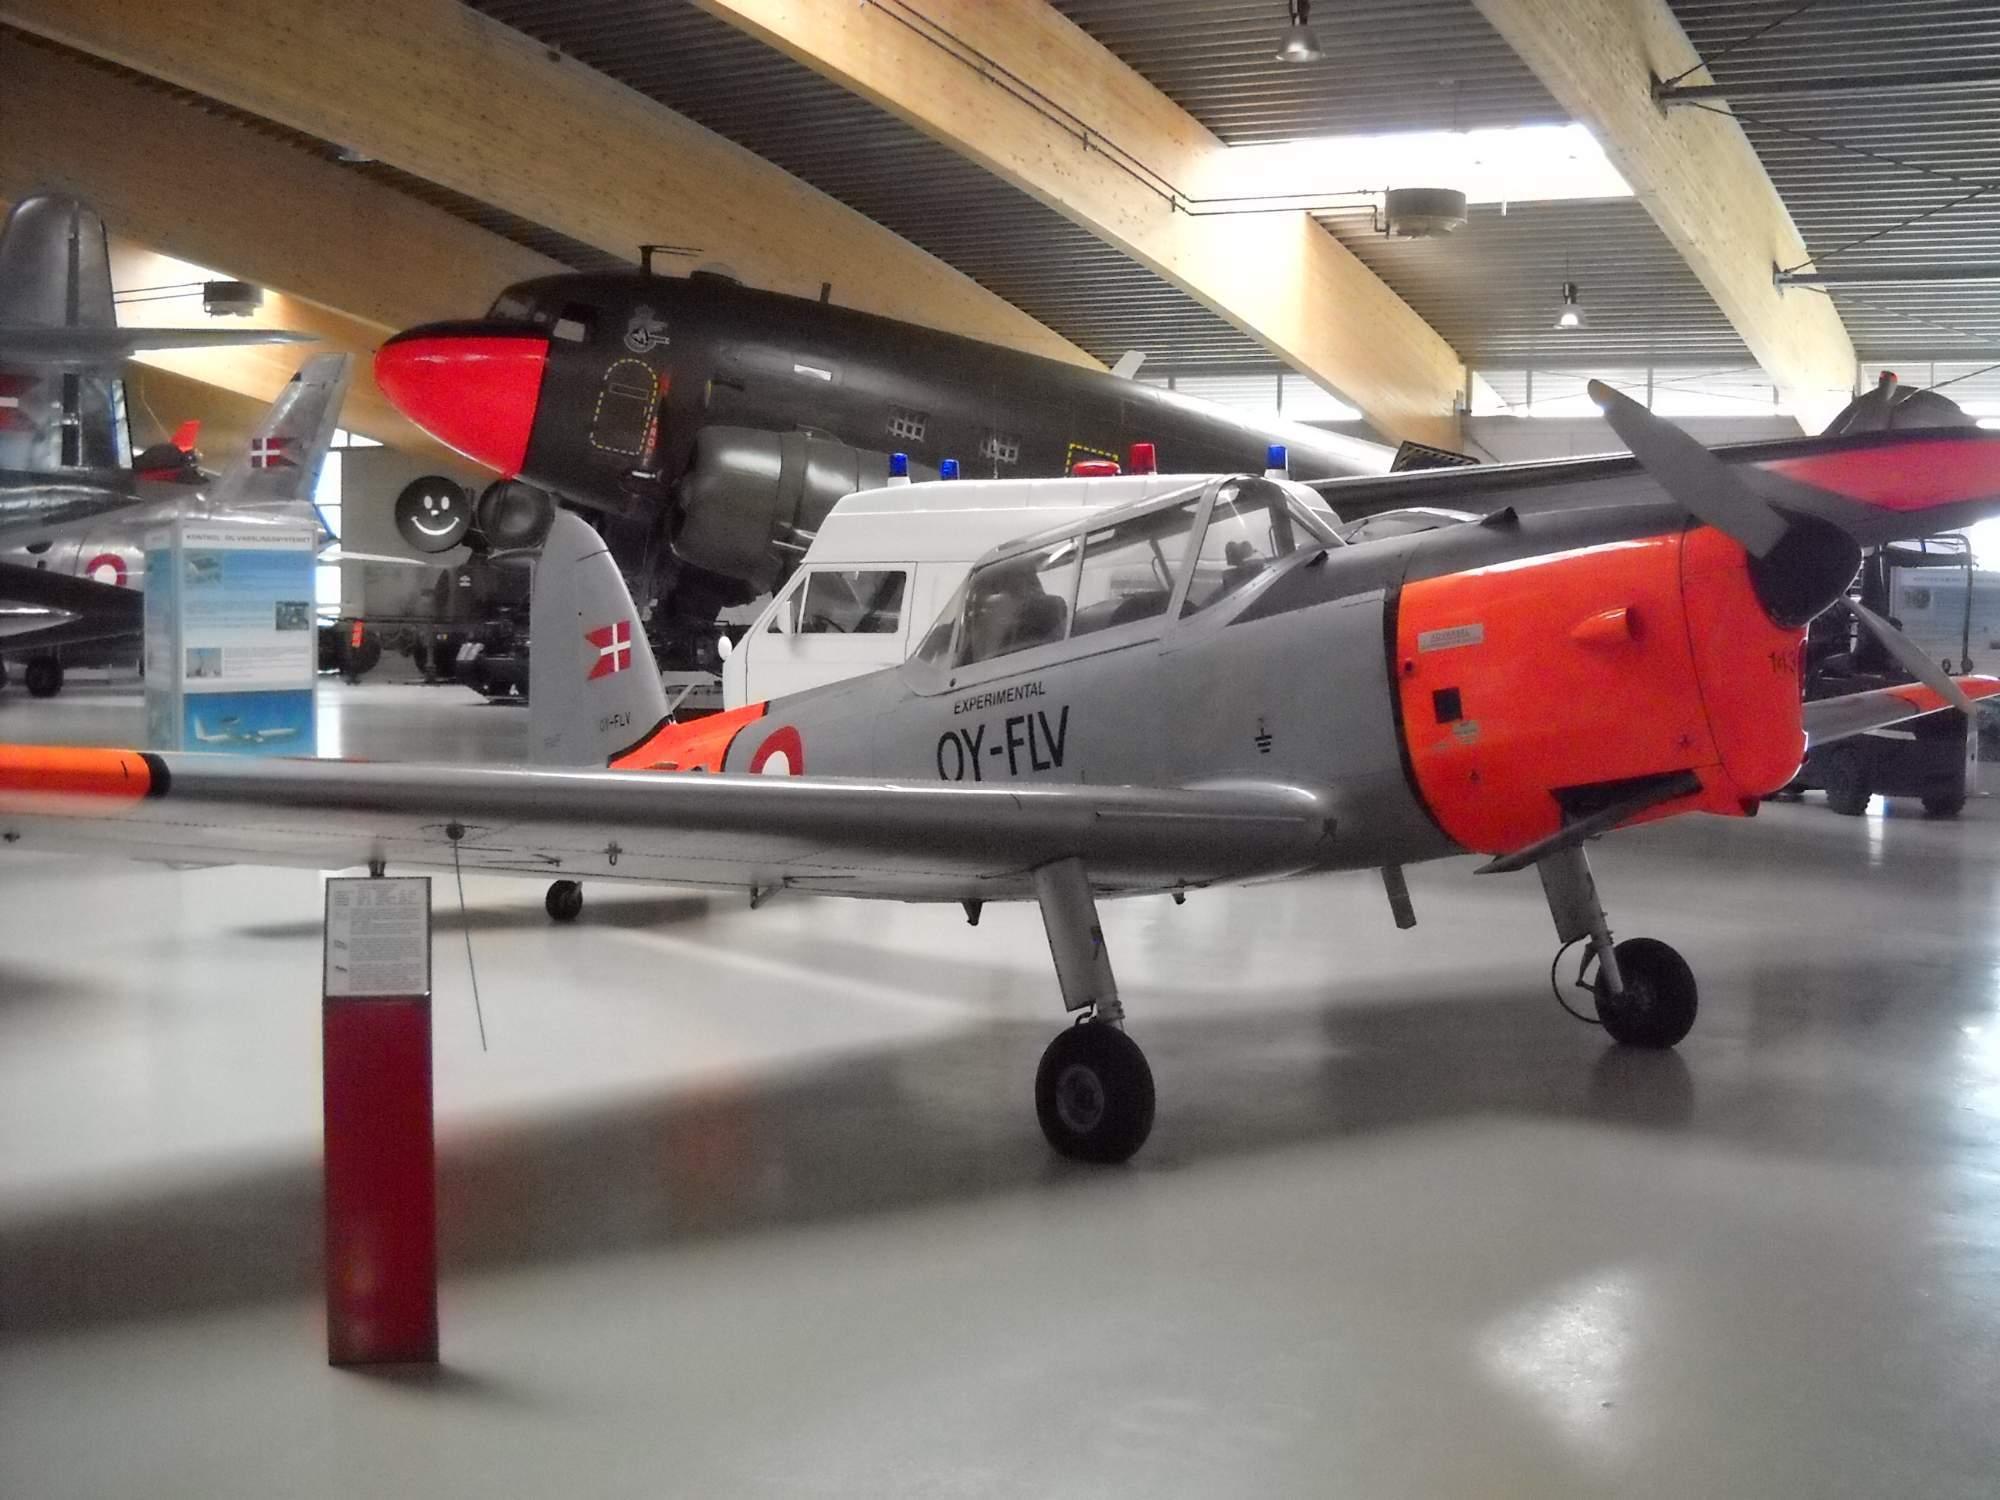 DHC-1 CHIPMUNK WALKAROUND